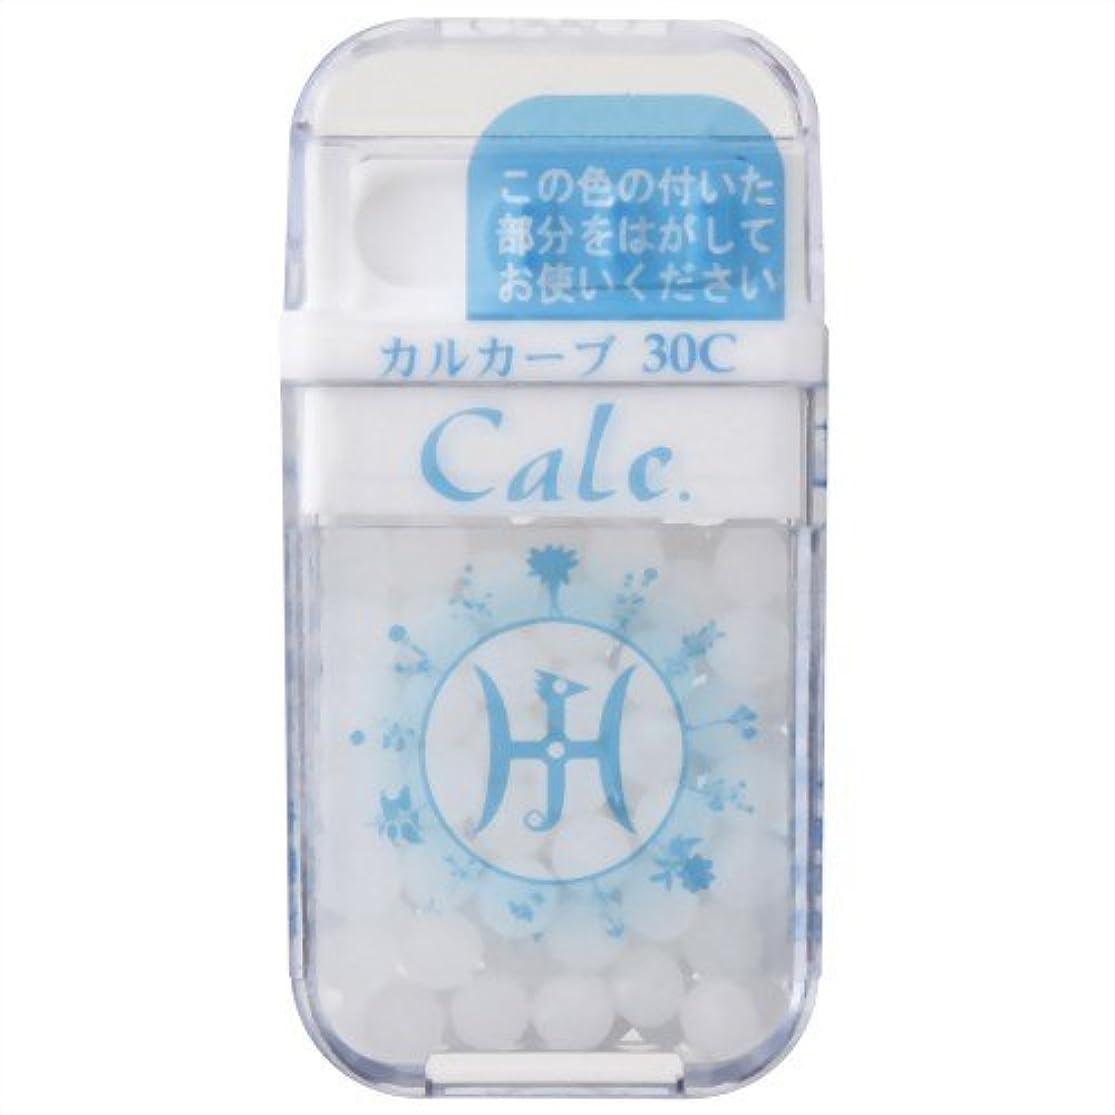 娯楽シングル柔らかさホメオパシージャパンレメディー Calc.  カルカーブ 30C (大ビン)